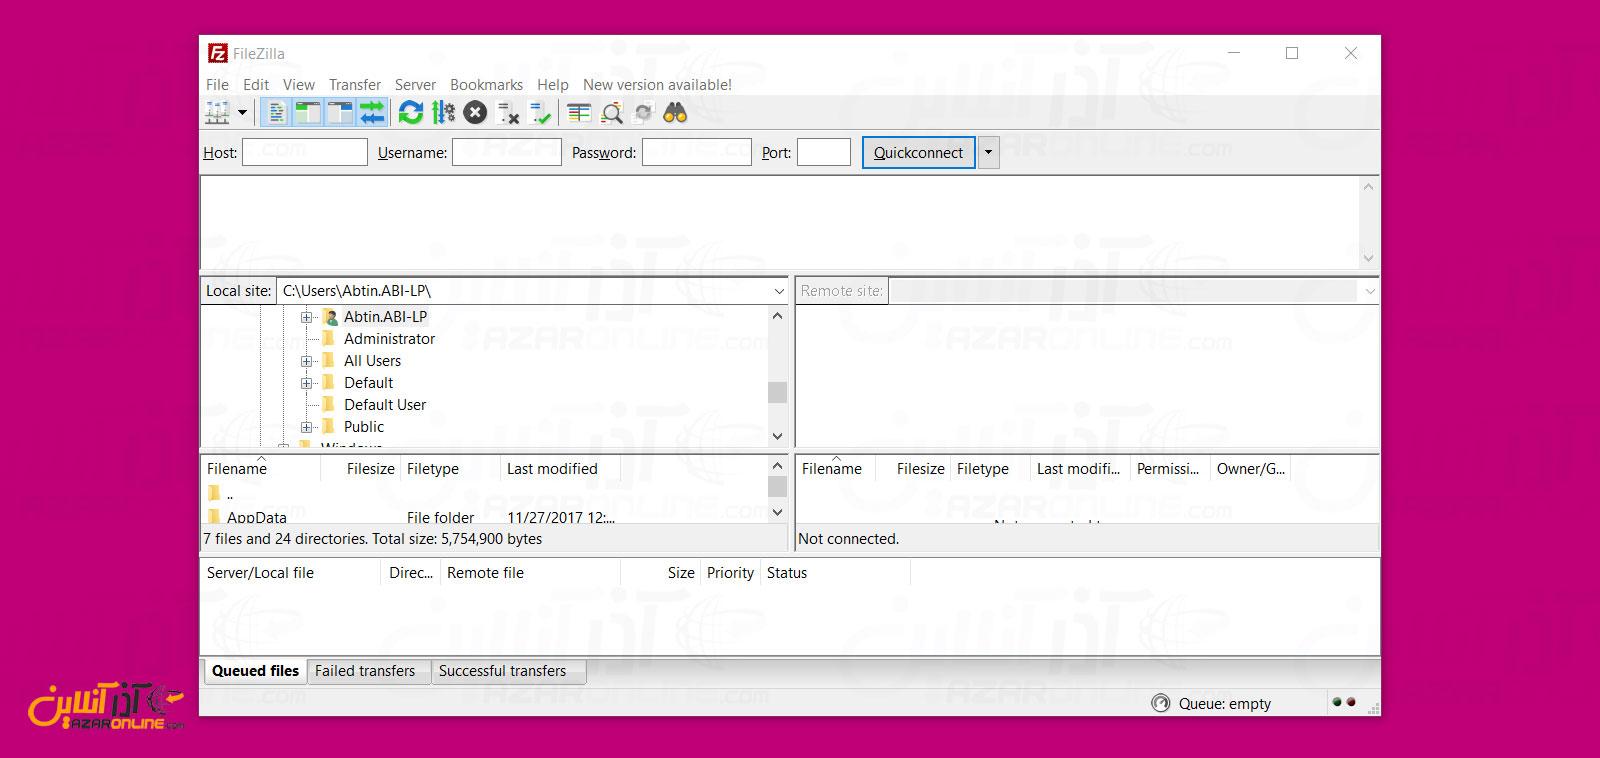 نمای از نرم افزار Filezilla